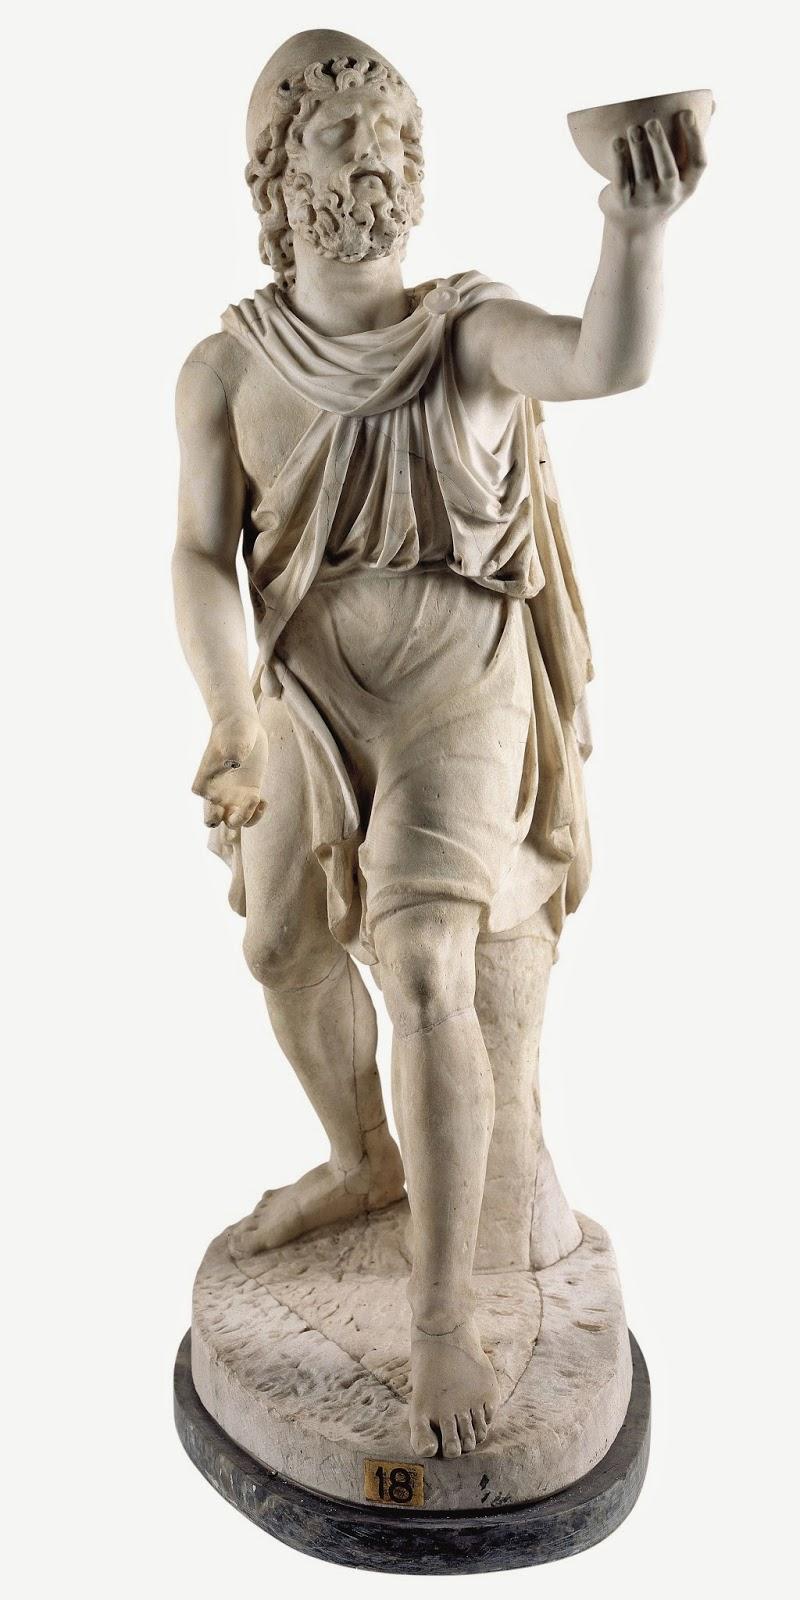 Ulises ofreciendo una copa de vino a Polifemo. Mármol